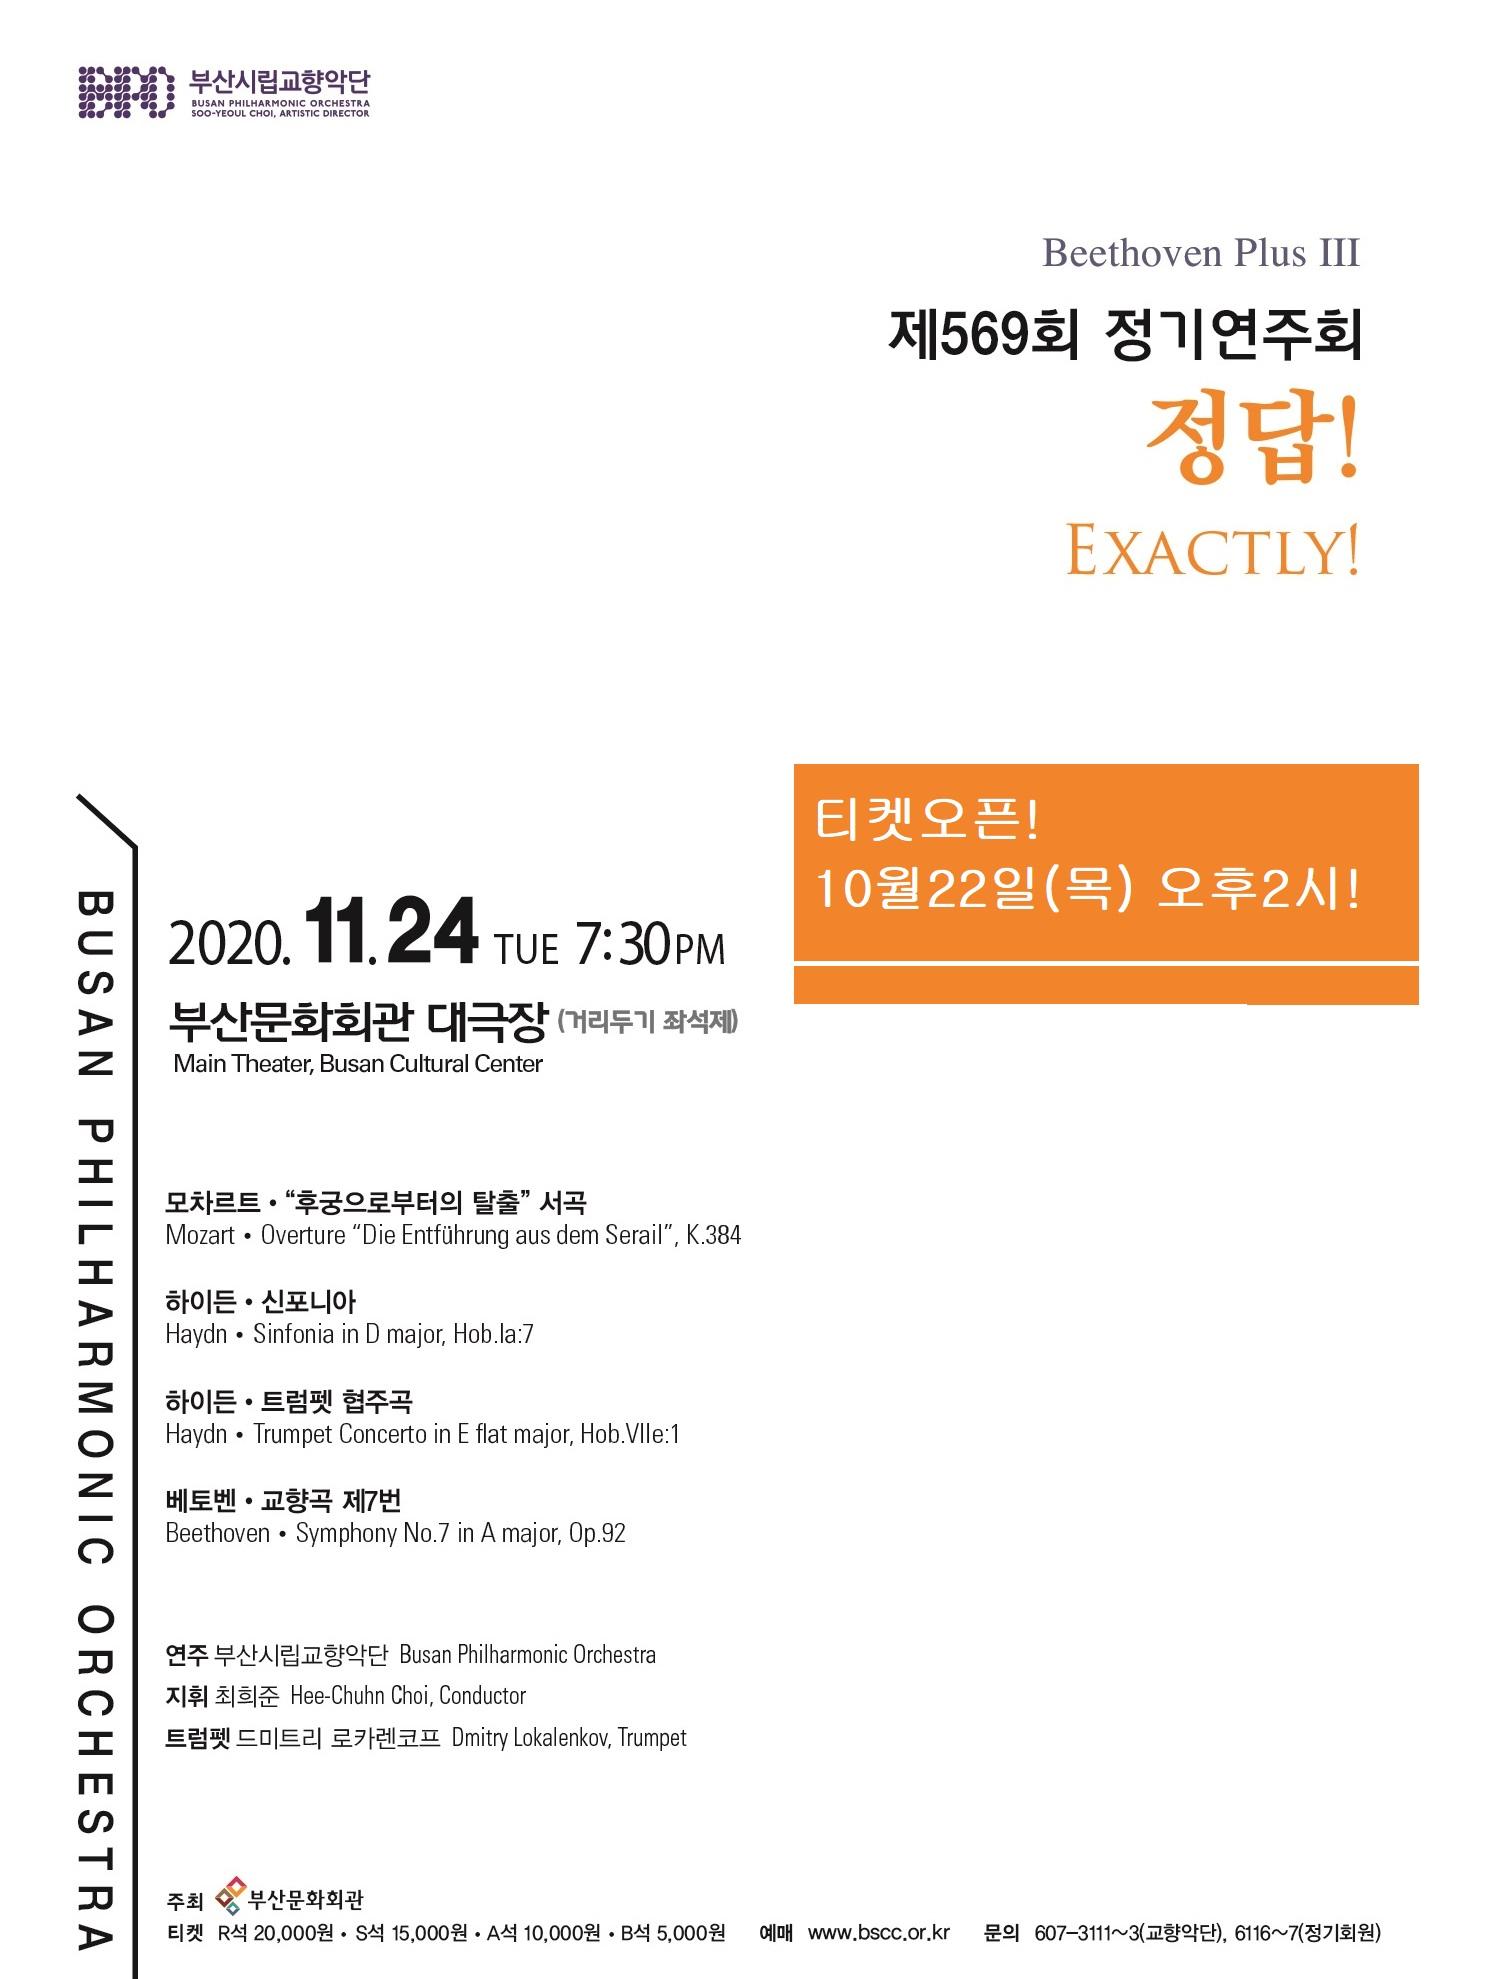 부산시립교향악단 제569회 정기연주회 ˝정답˝